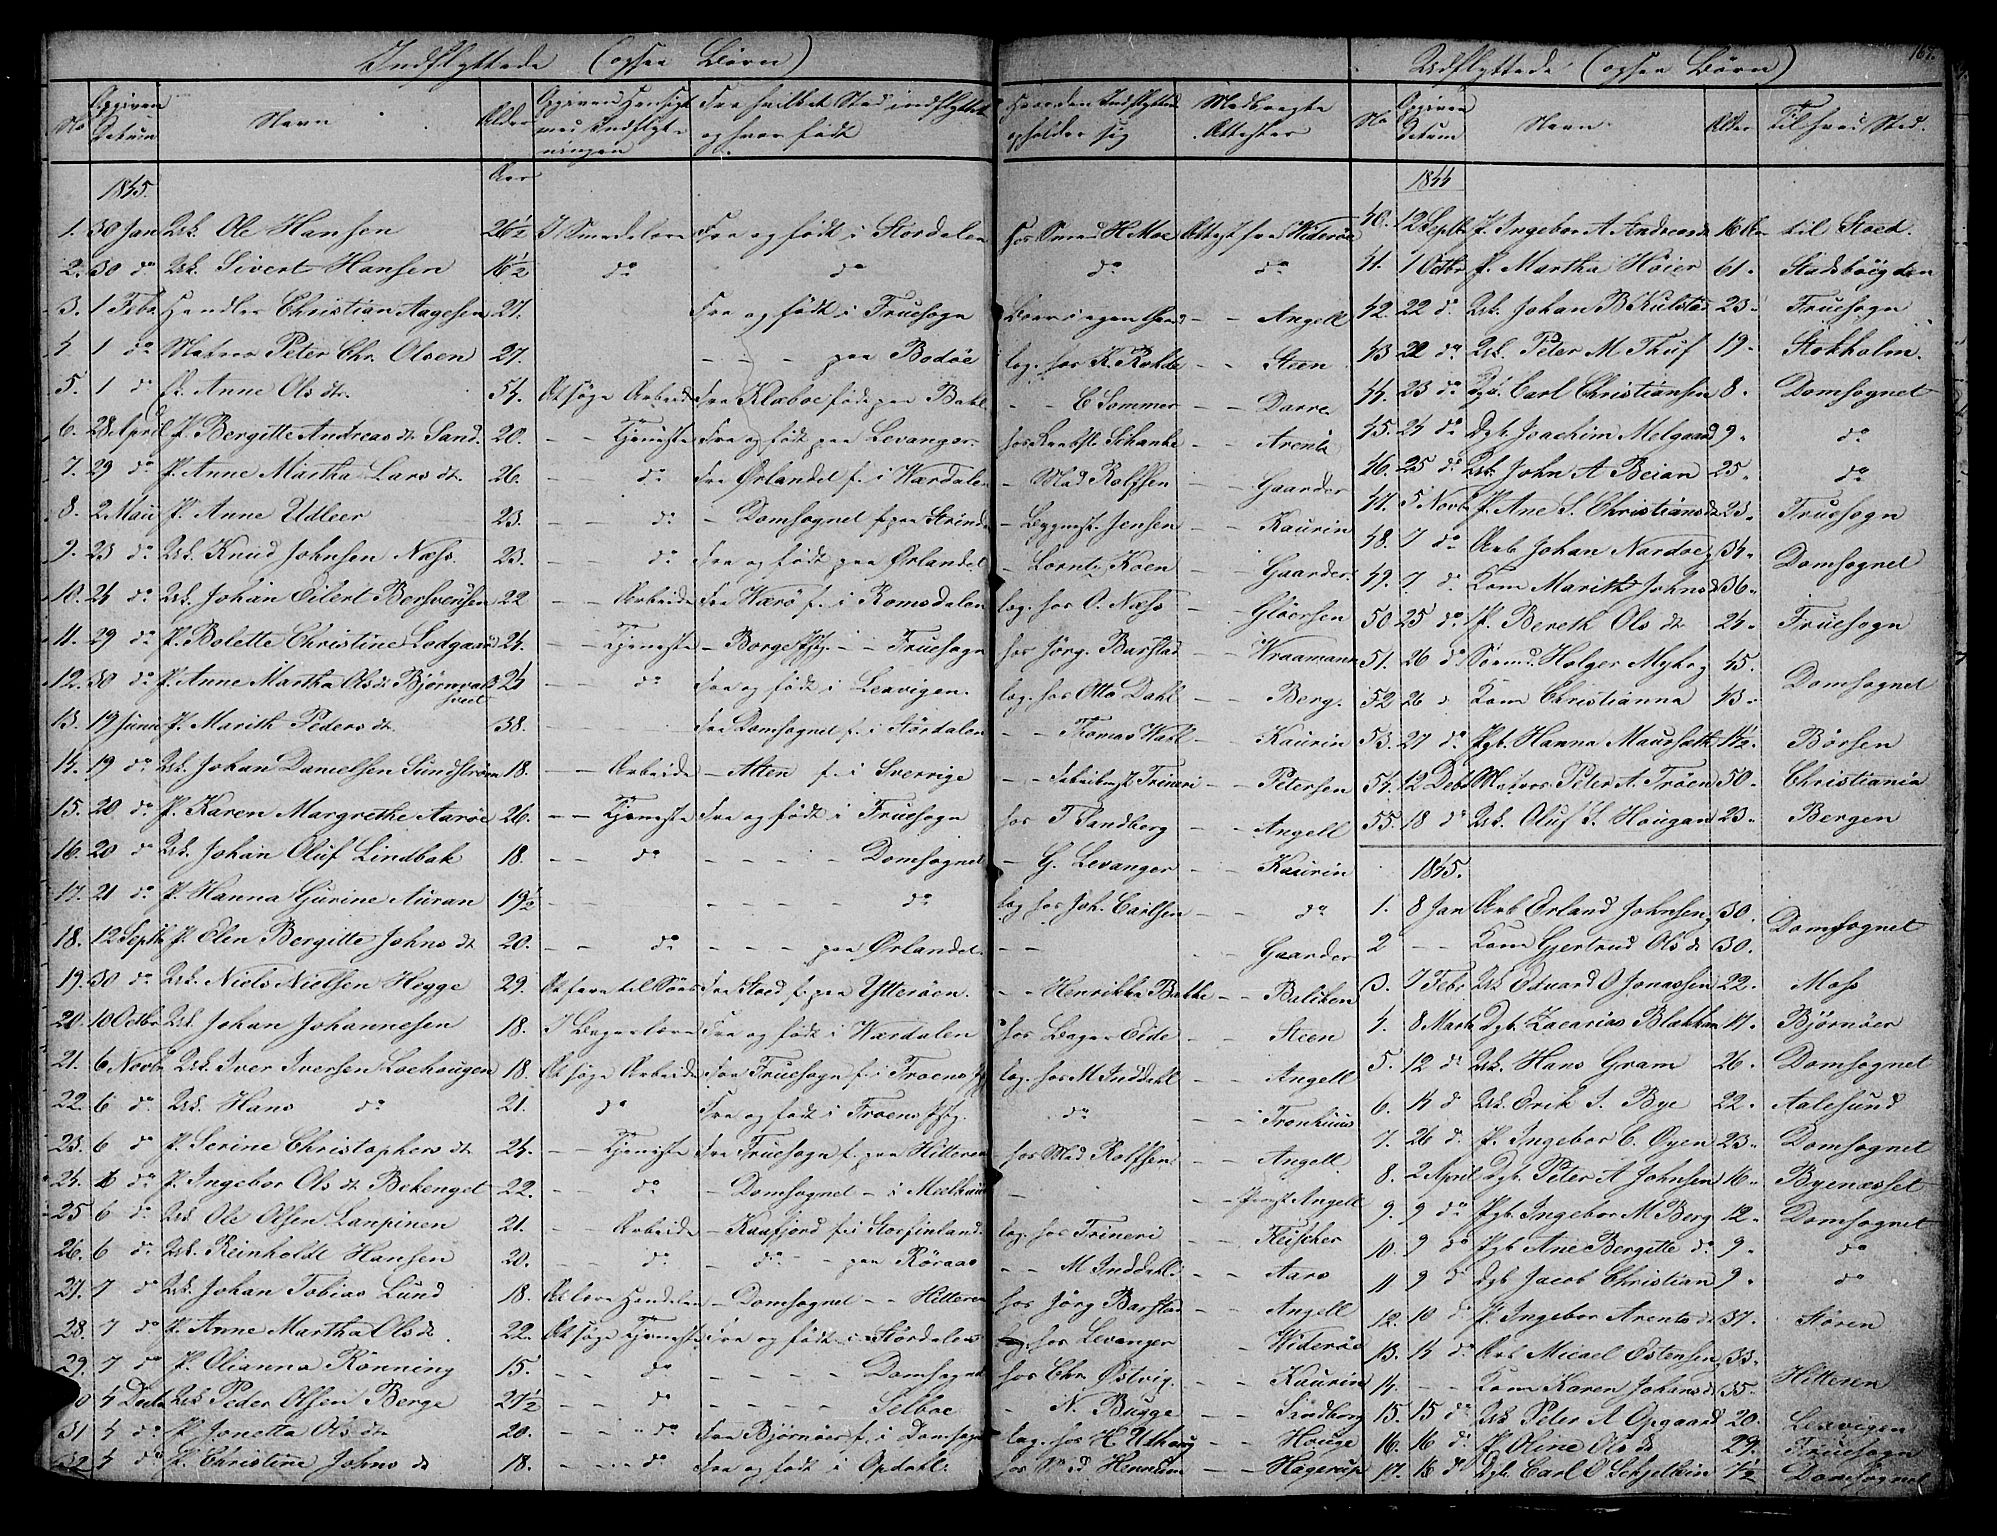 SAT, Ministerialprotokoller, klokkerbøker og fødselsregistre - Sør-Trøndelag, 604/L0182: Ministerialbok nr. 604A03, 1818-1850, s. 167